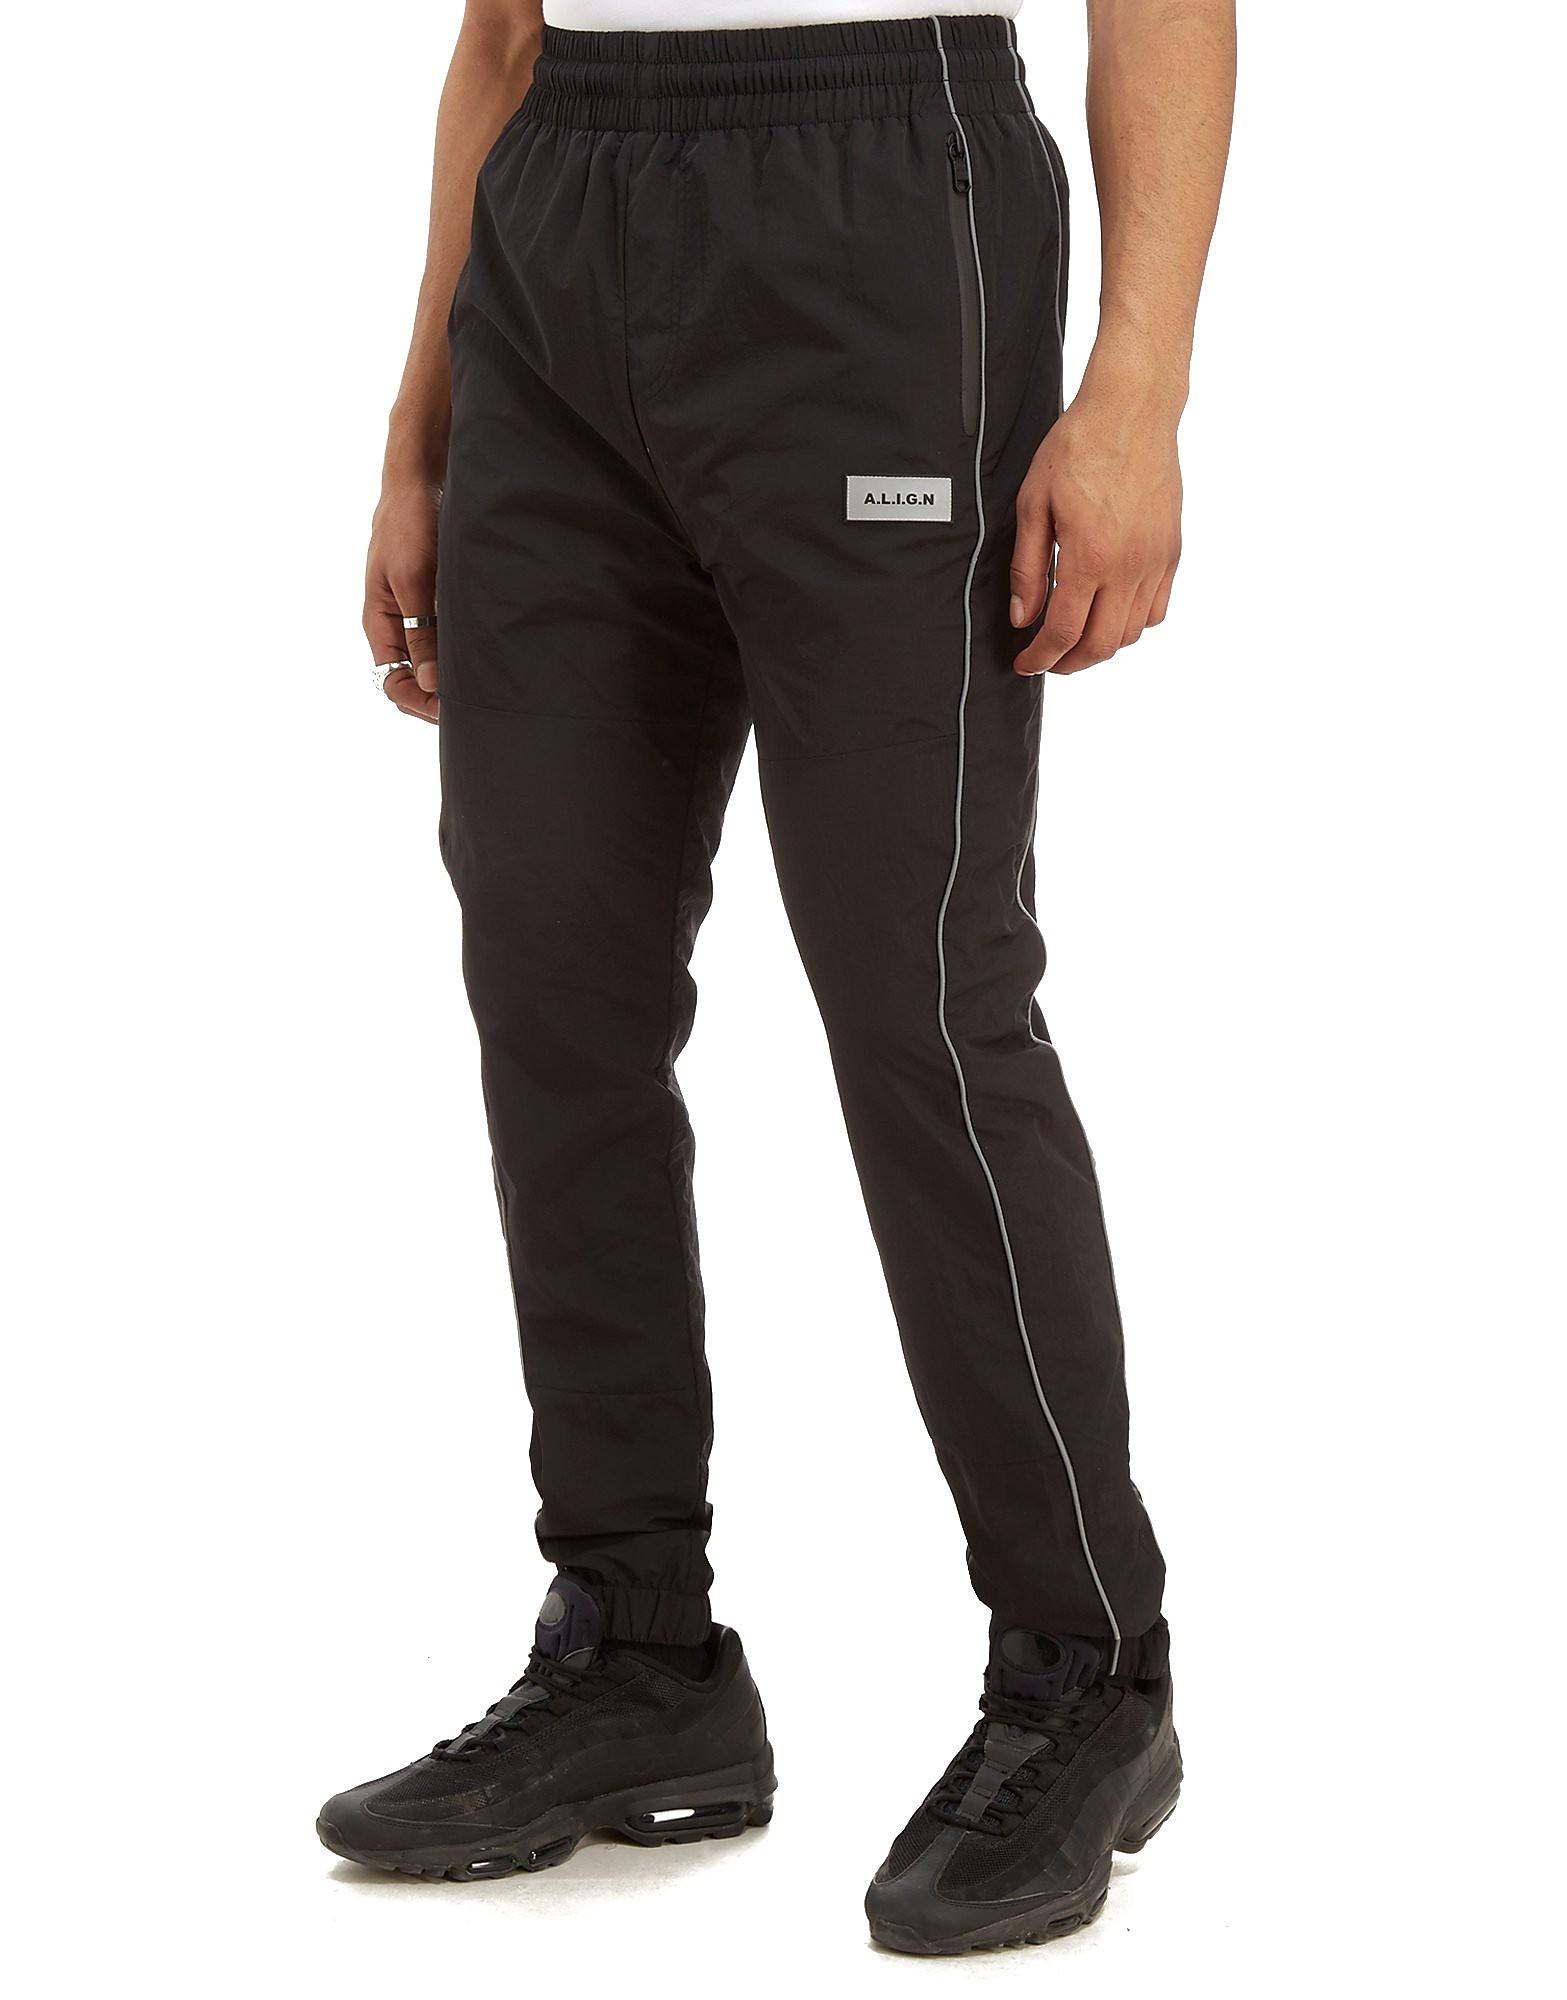 Align Glider Woven Pantaloni